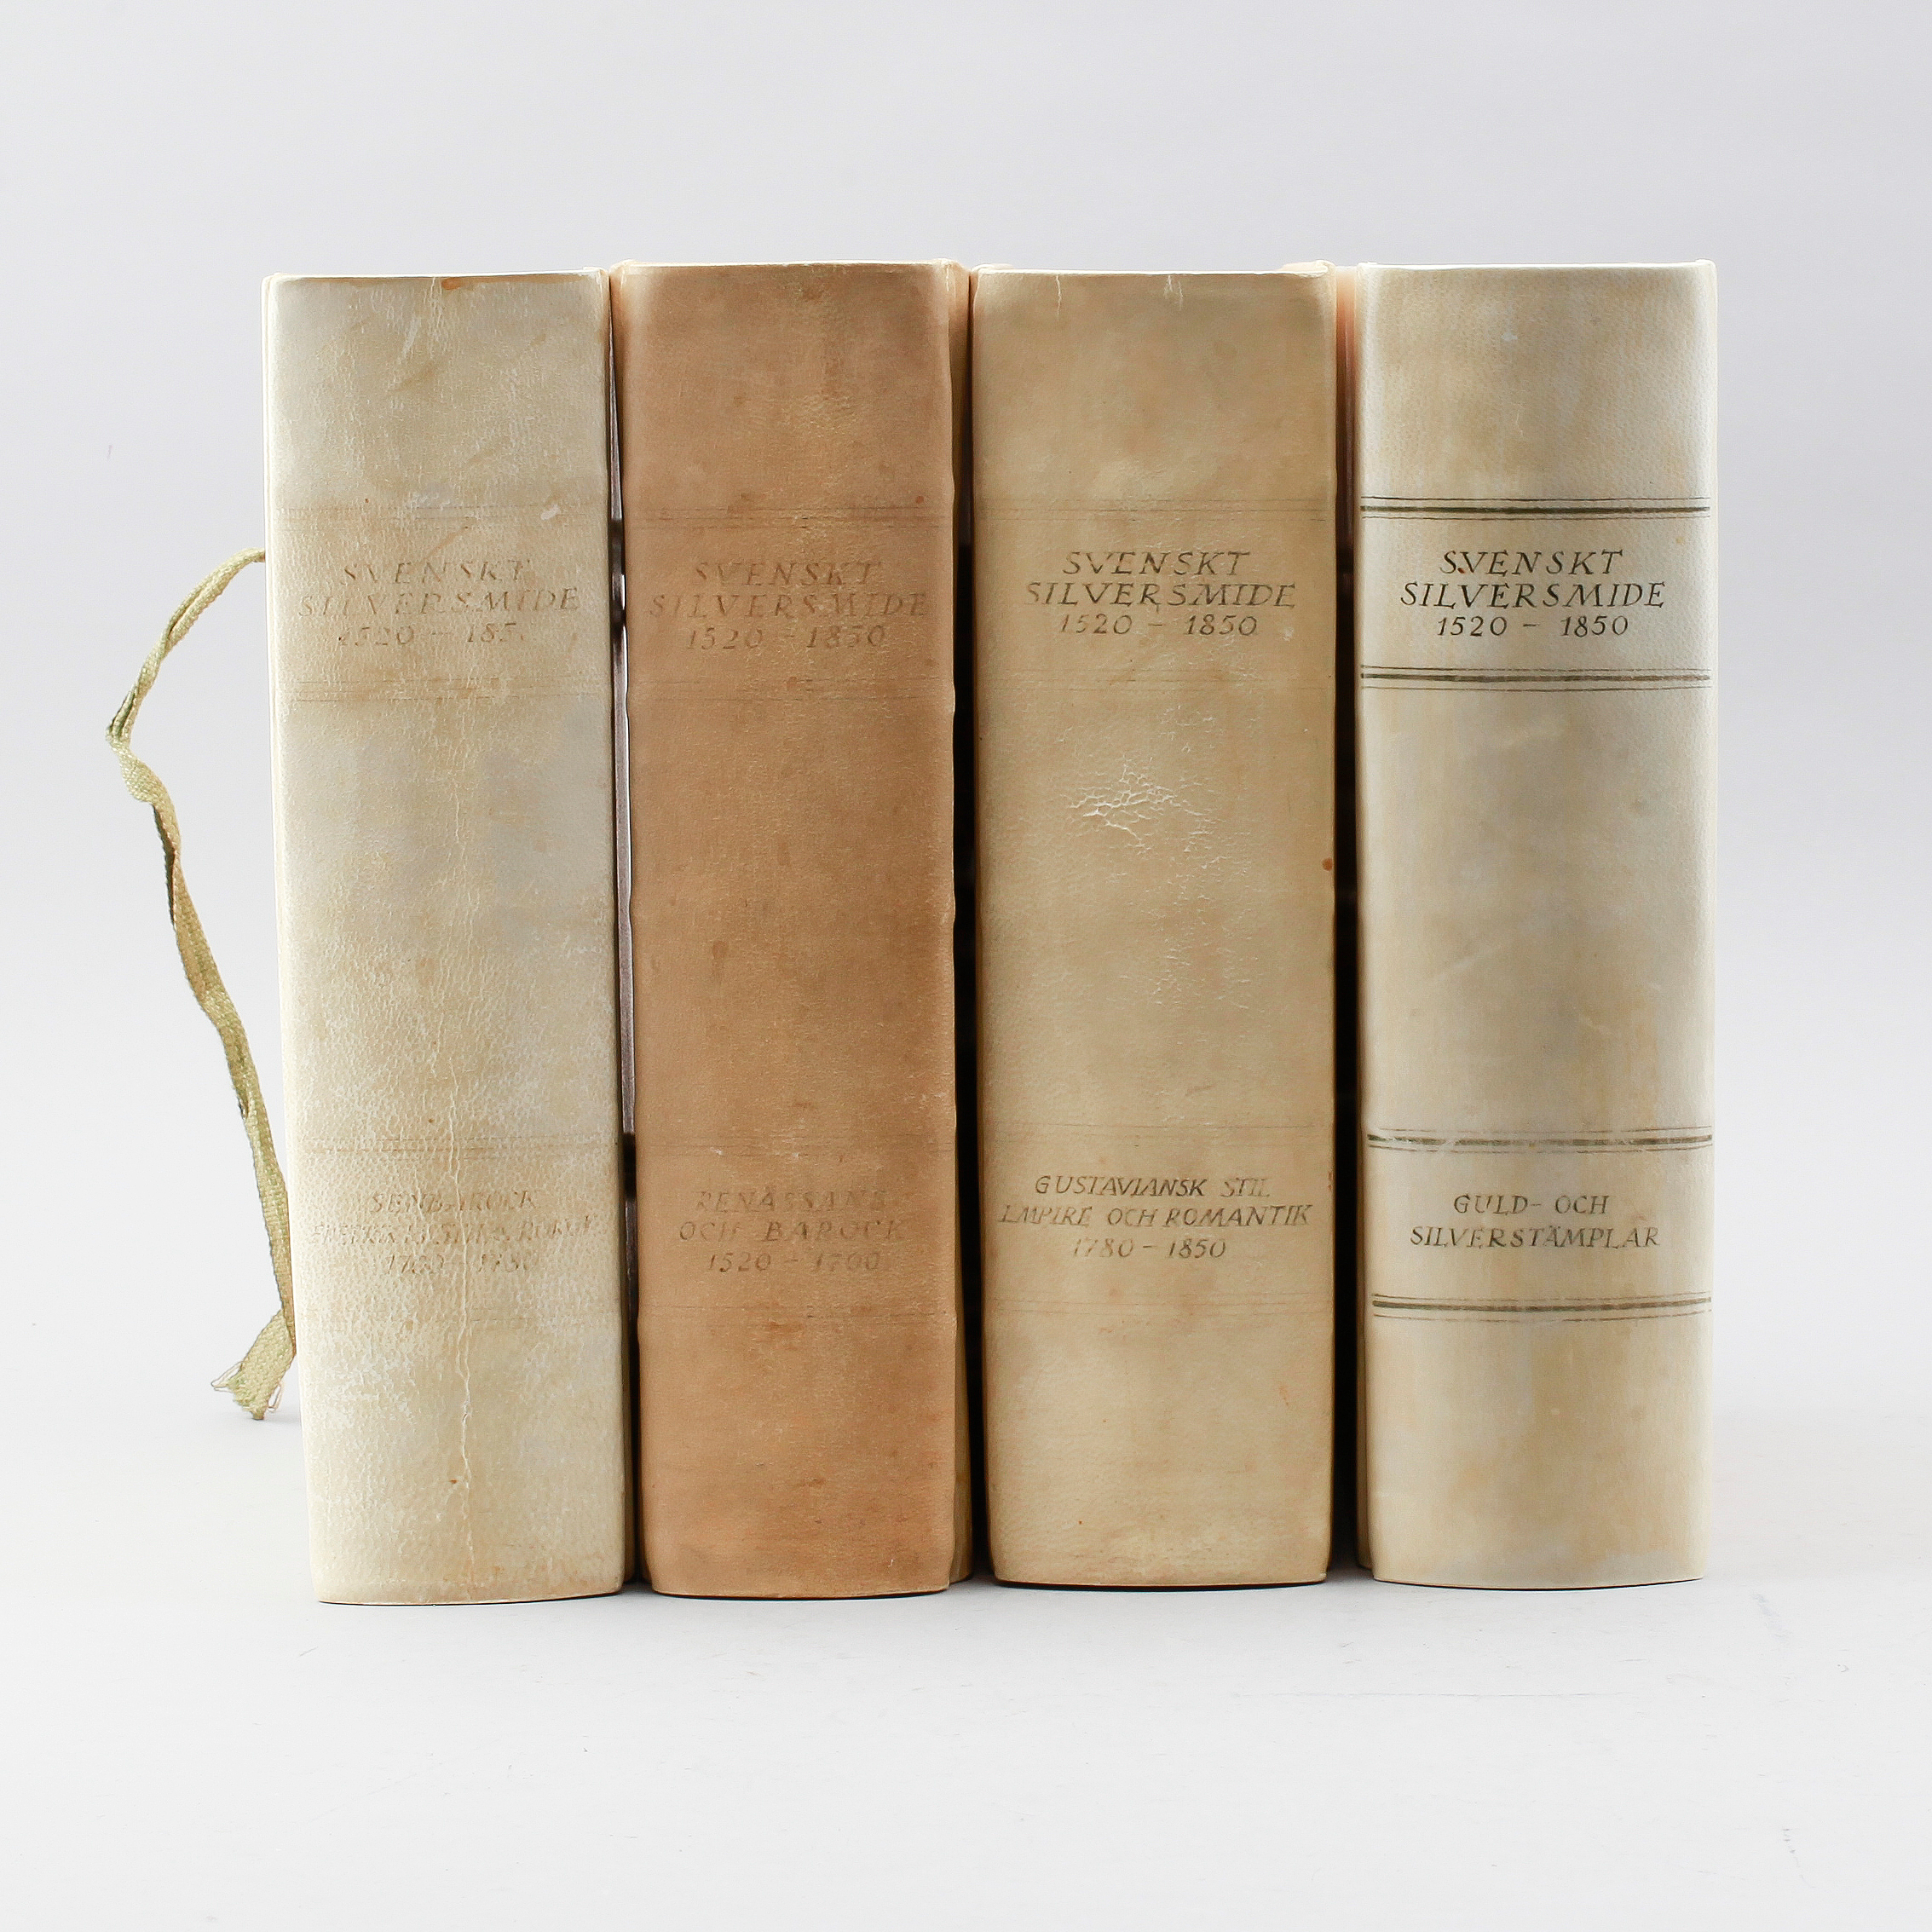 böcker om silversmide